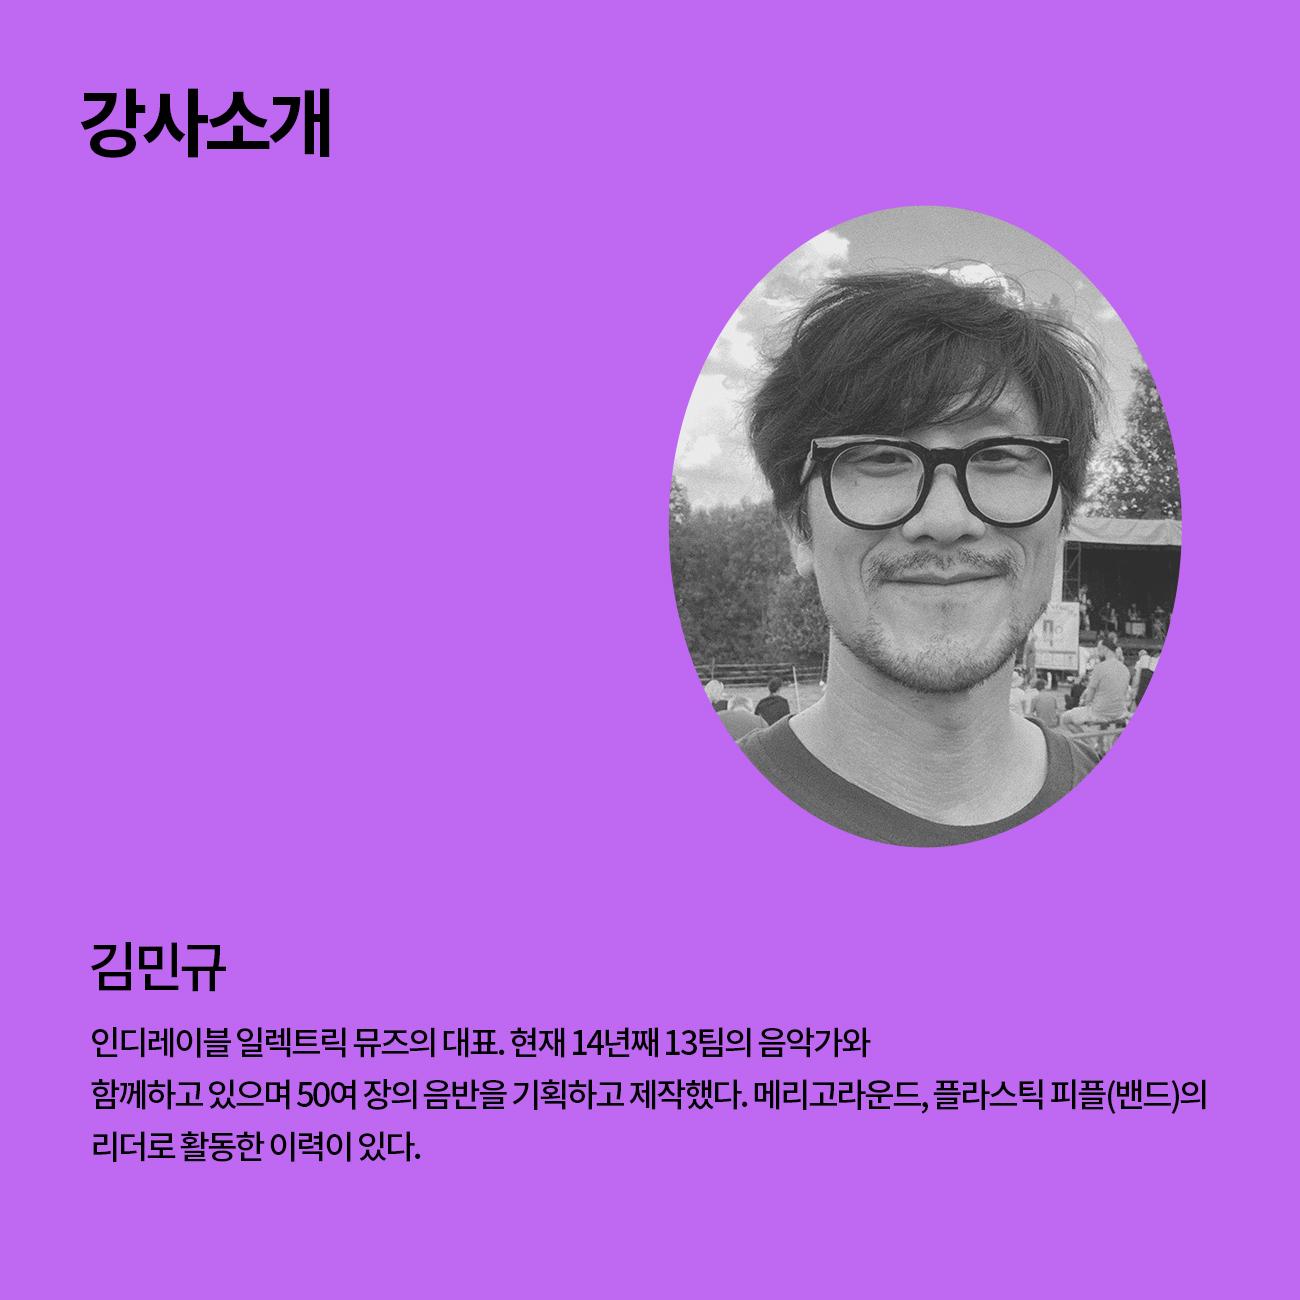 서울라이브 B-Side 실무강의(1) : 음원 제작 프로세스 A TO Z